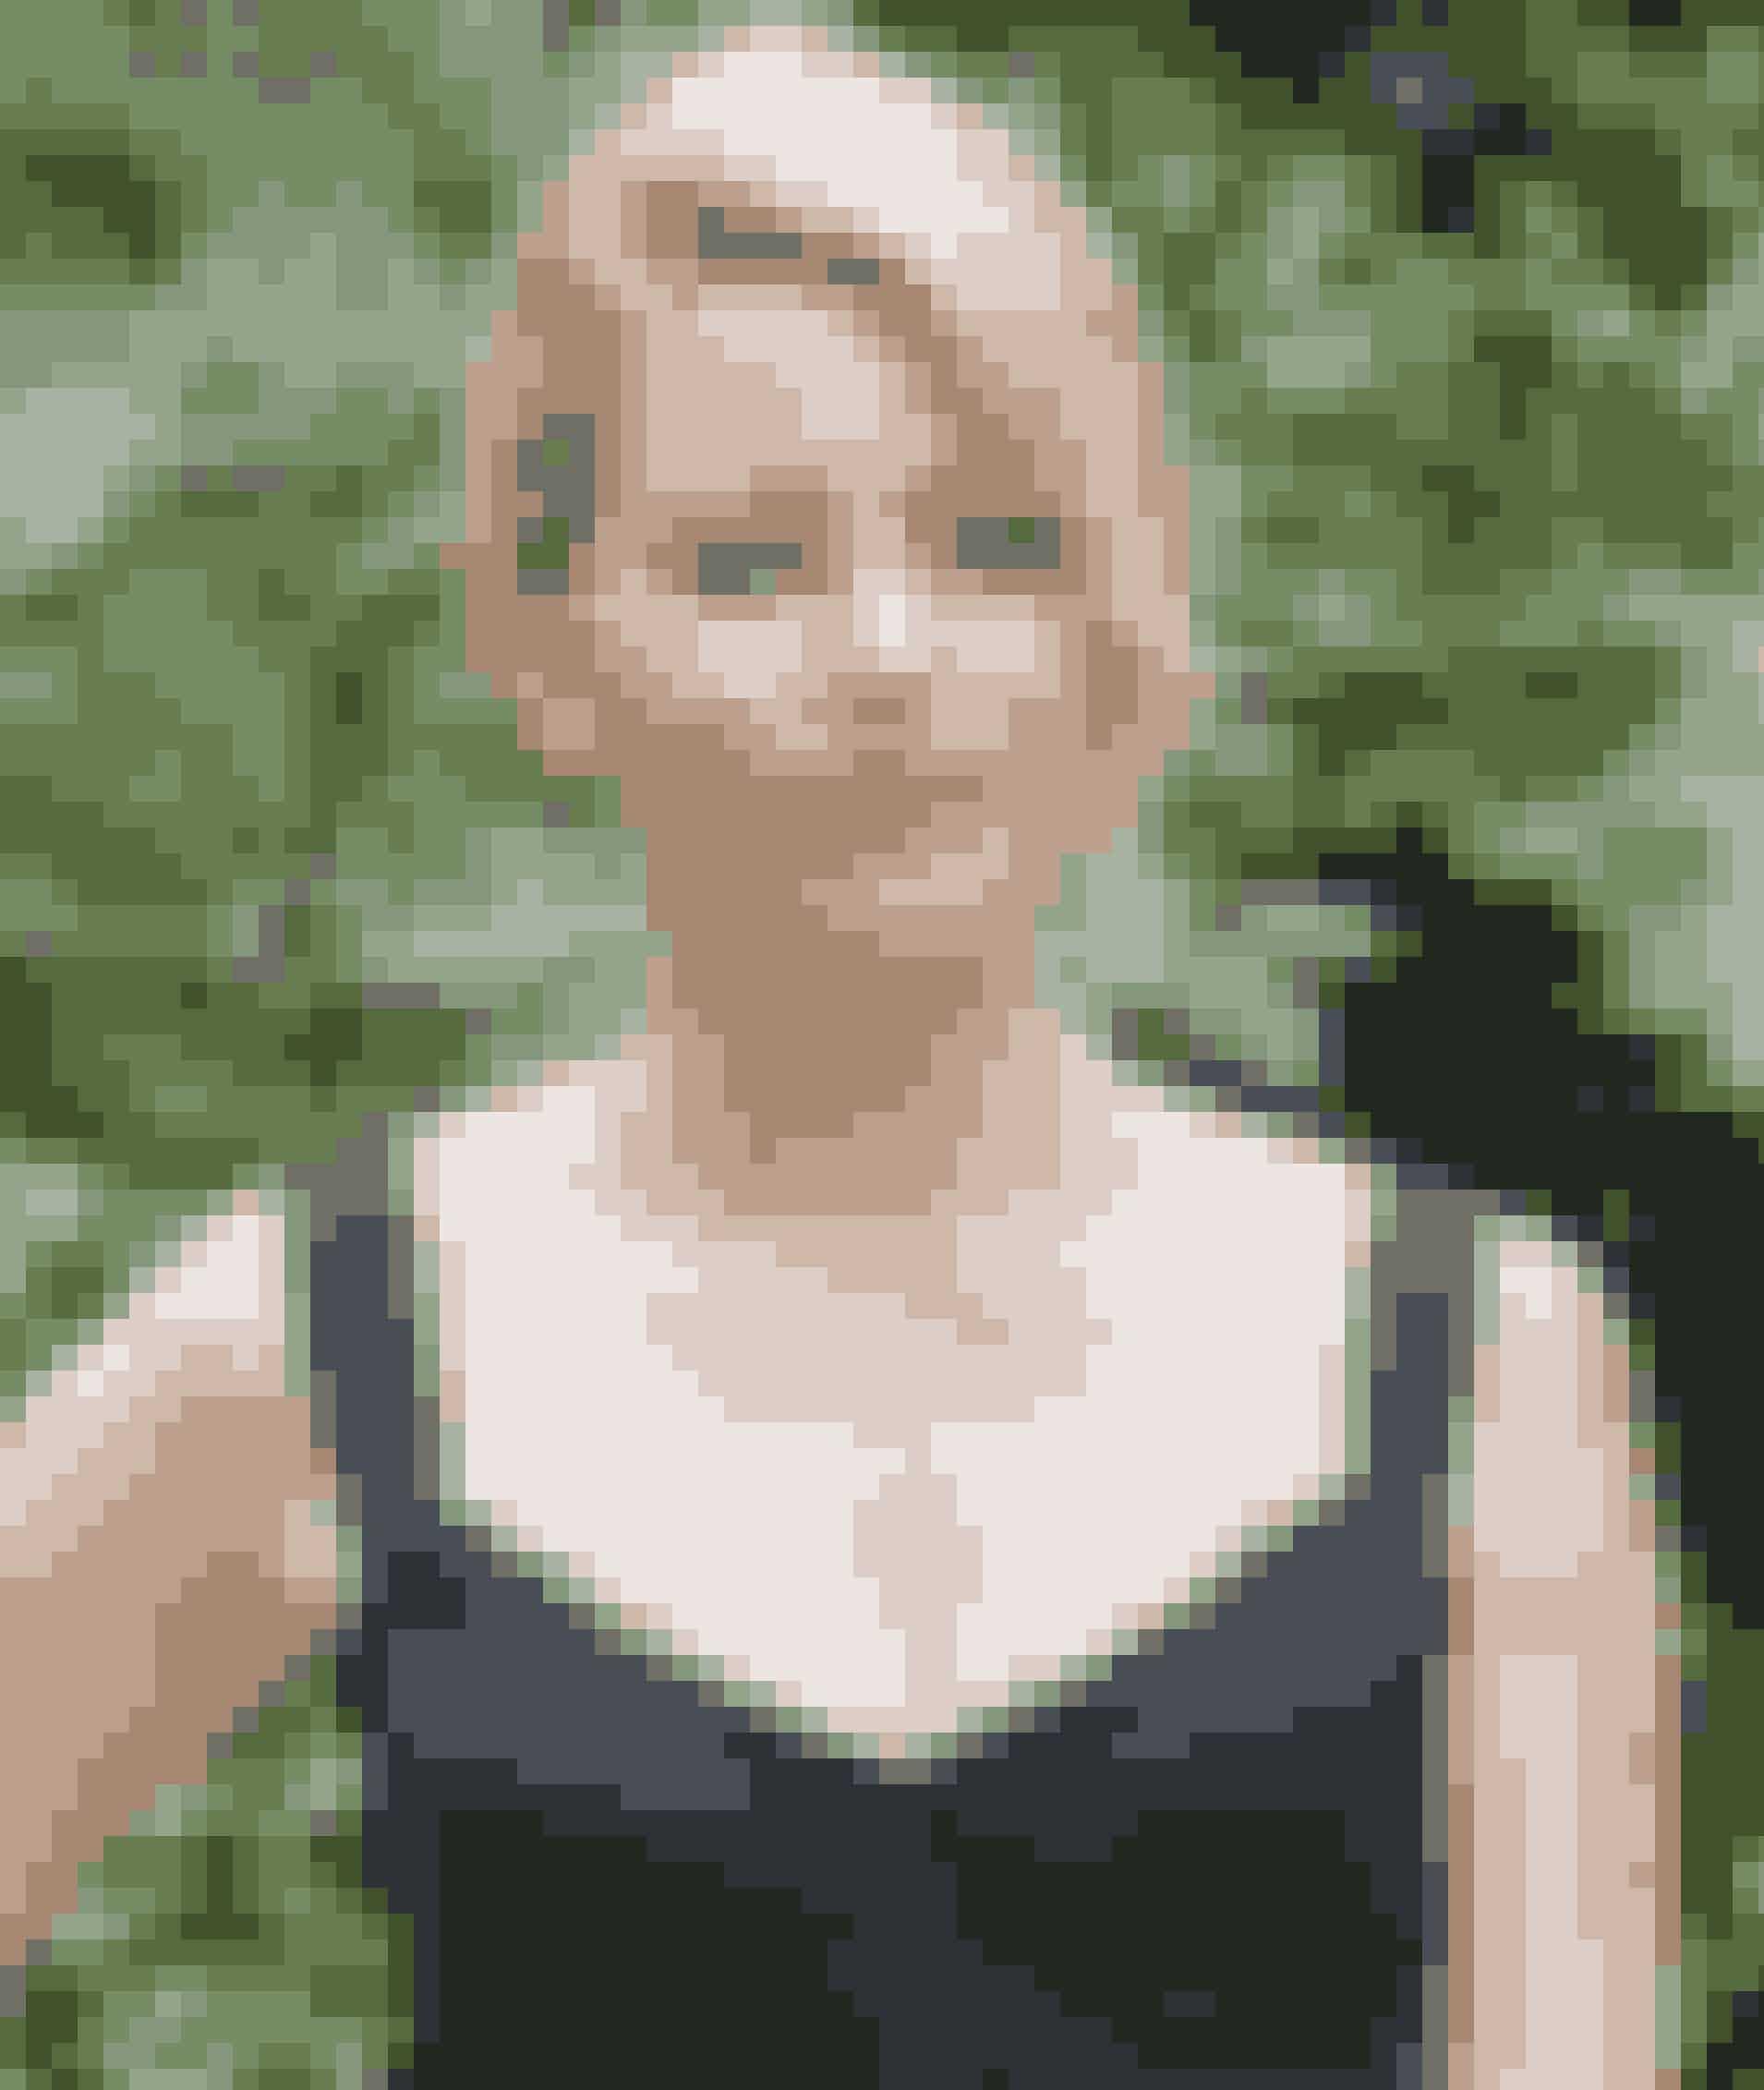 Elizabeth Banks, der spiller Effie, hadede sine negle, når hun havde sit kostume på. Hun kunne nemlig ikke åbne sit eget tøj med dem, når hun skulle på toilettet.